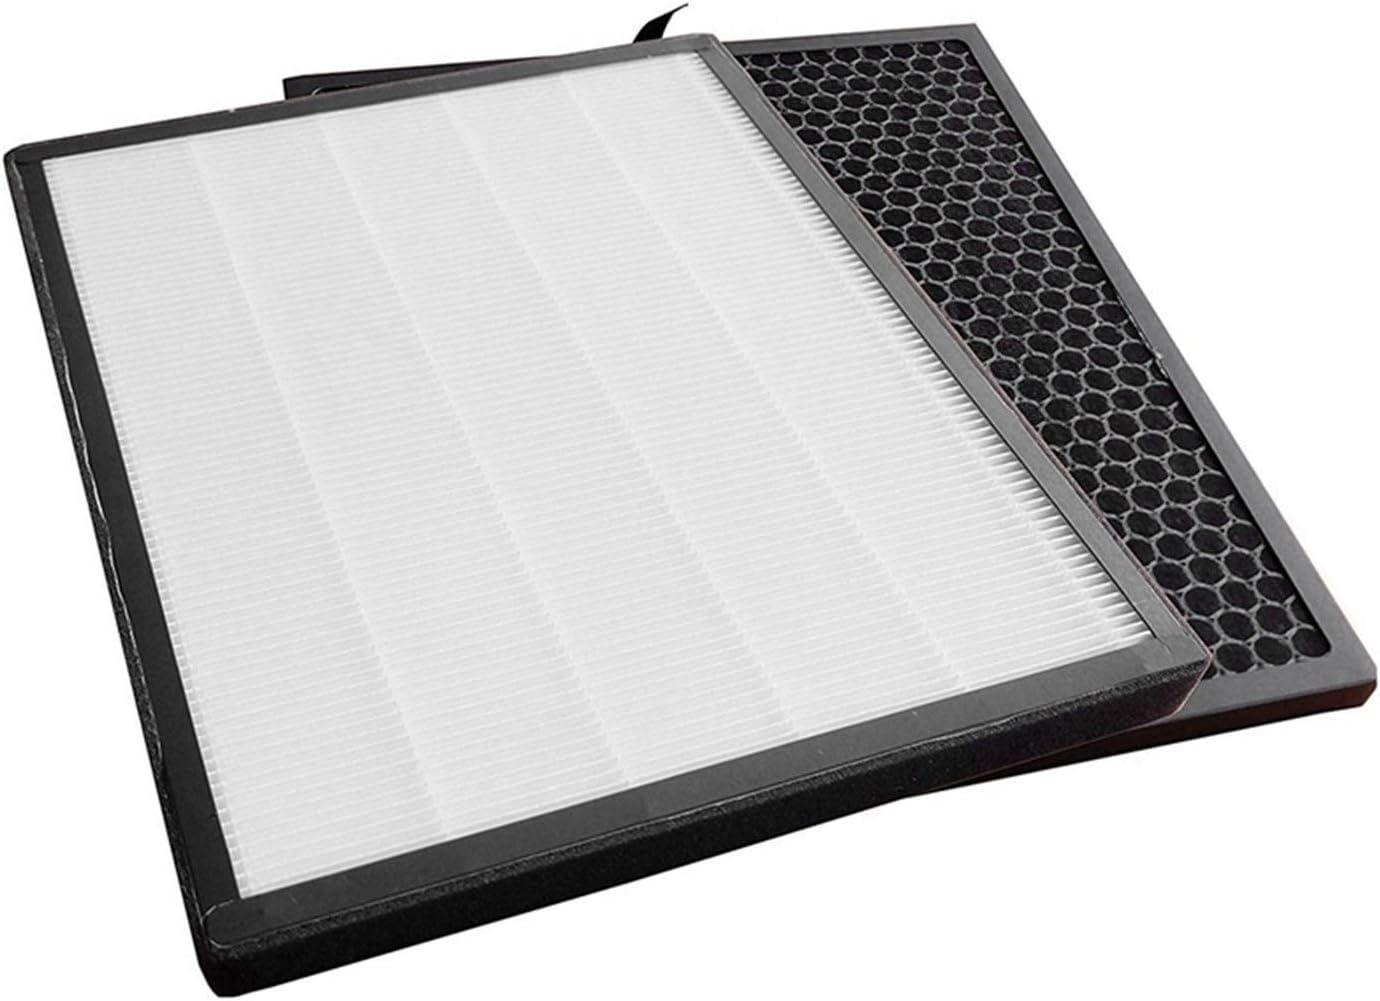 CHENJIAO Filtro purificador de Aire Filtro De Repuesto De Reemplazo Compatible Fit For Filtro Purificador De Aire Levoit LV-PUR131, Filtro Parte LV-PUR131-RF HEPA Y Carbón Activado Pre-Filtro